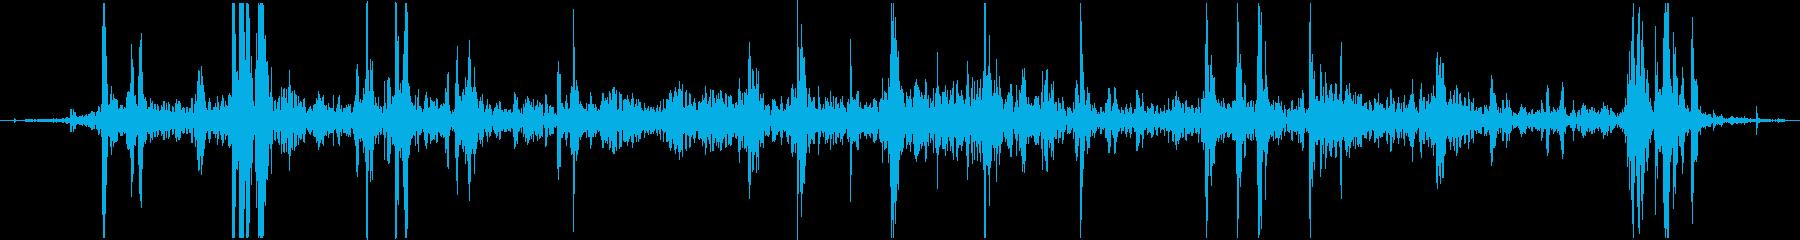 トロッコの転がるような音 ゴロゴロの再生済みの波形